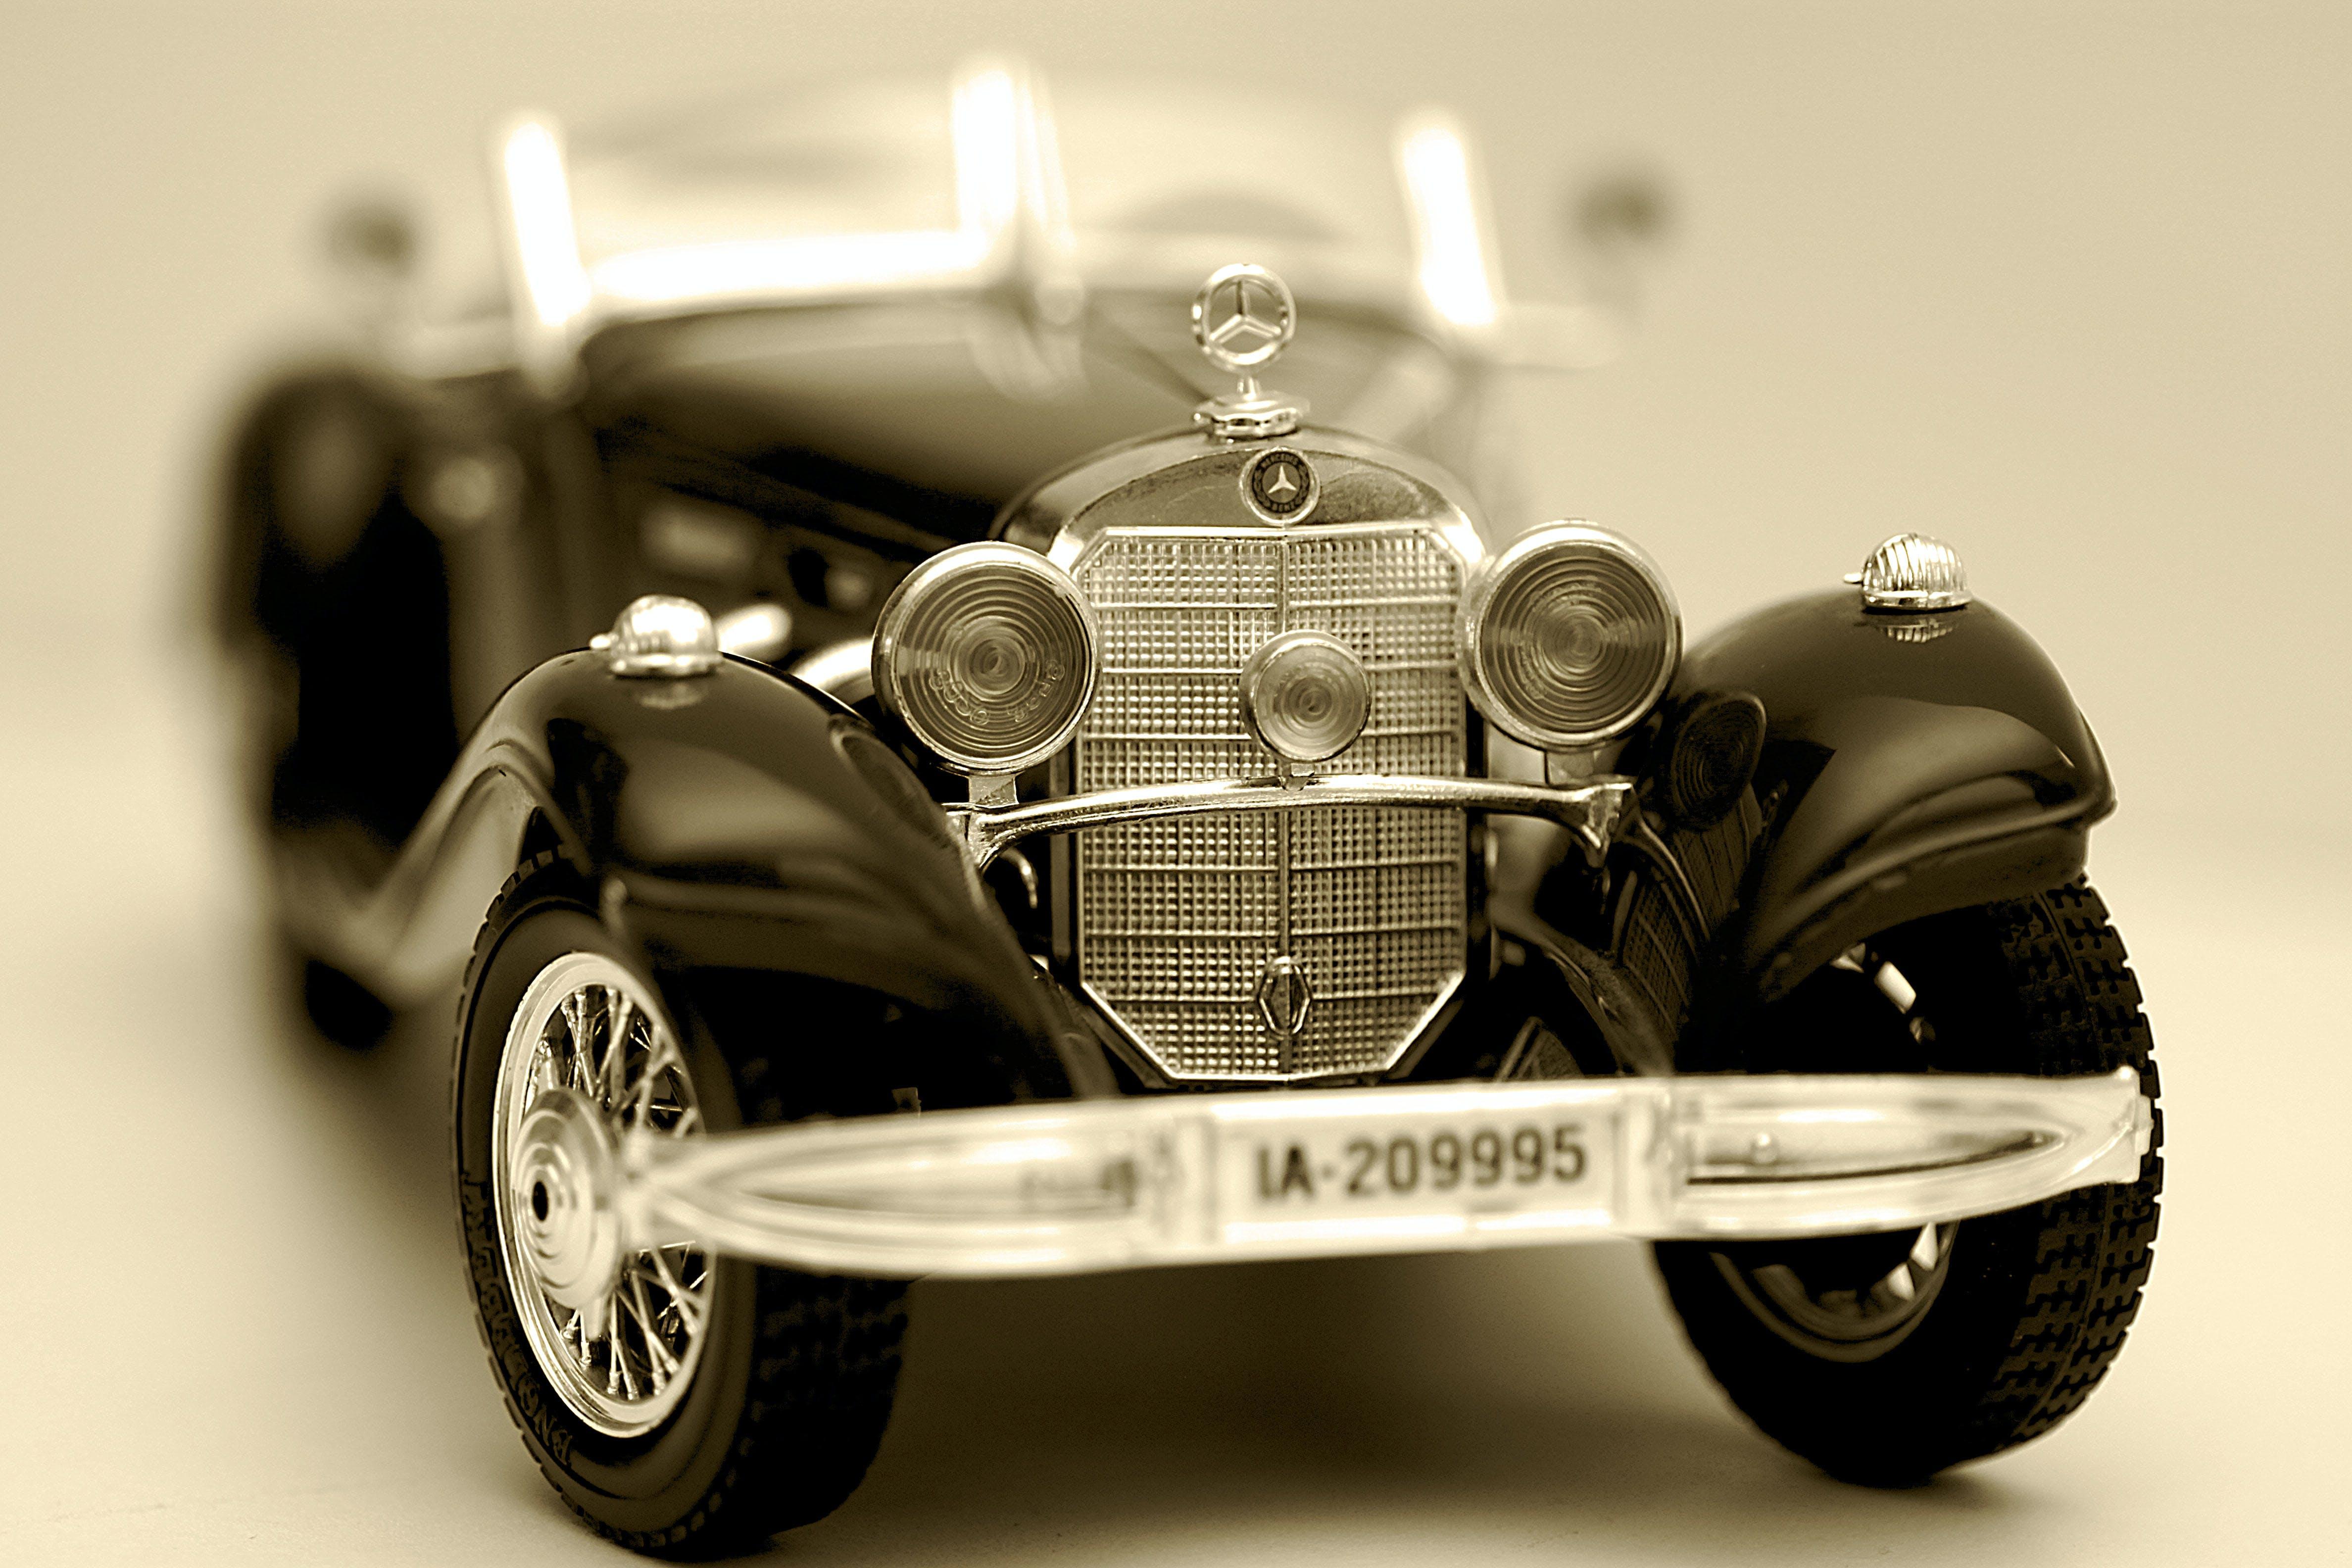 automotive, blur, car